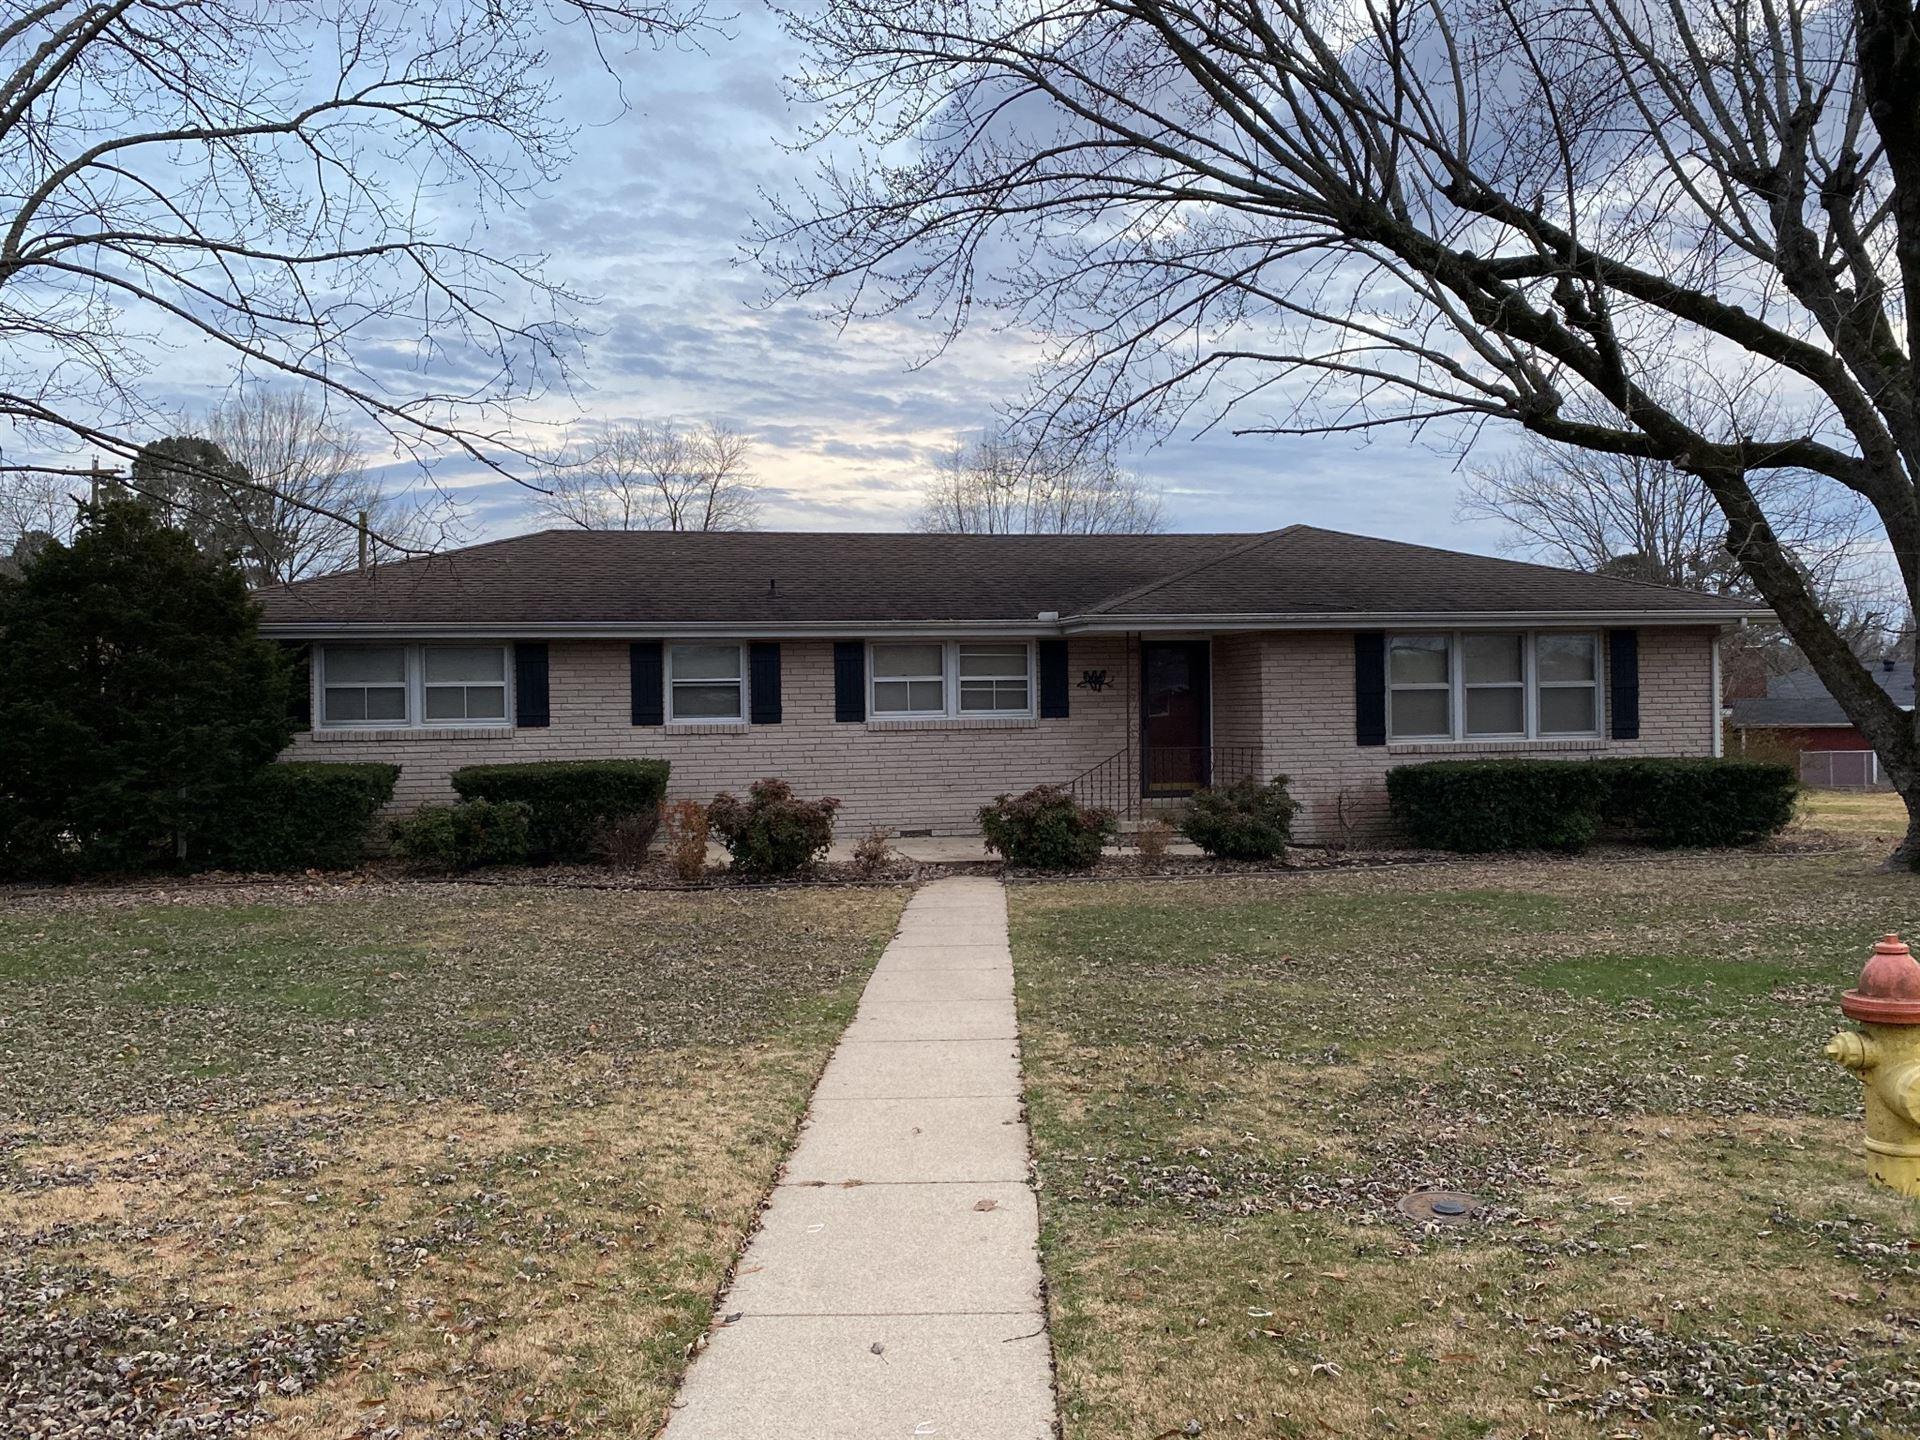 313 Rosemary Ln, Shelbyville, TN 37160 - MLS#: 2217346